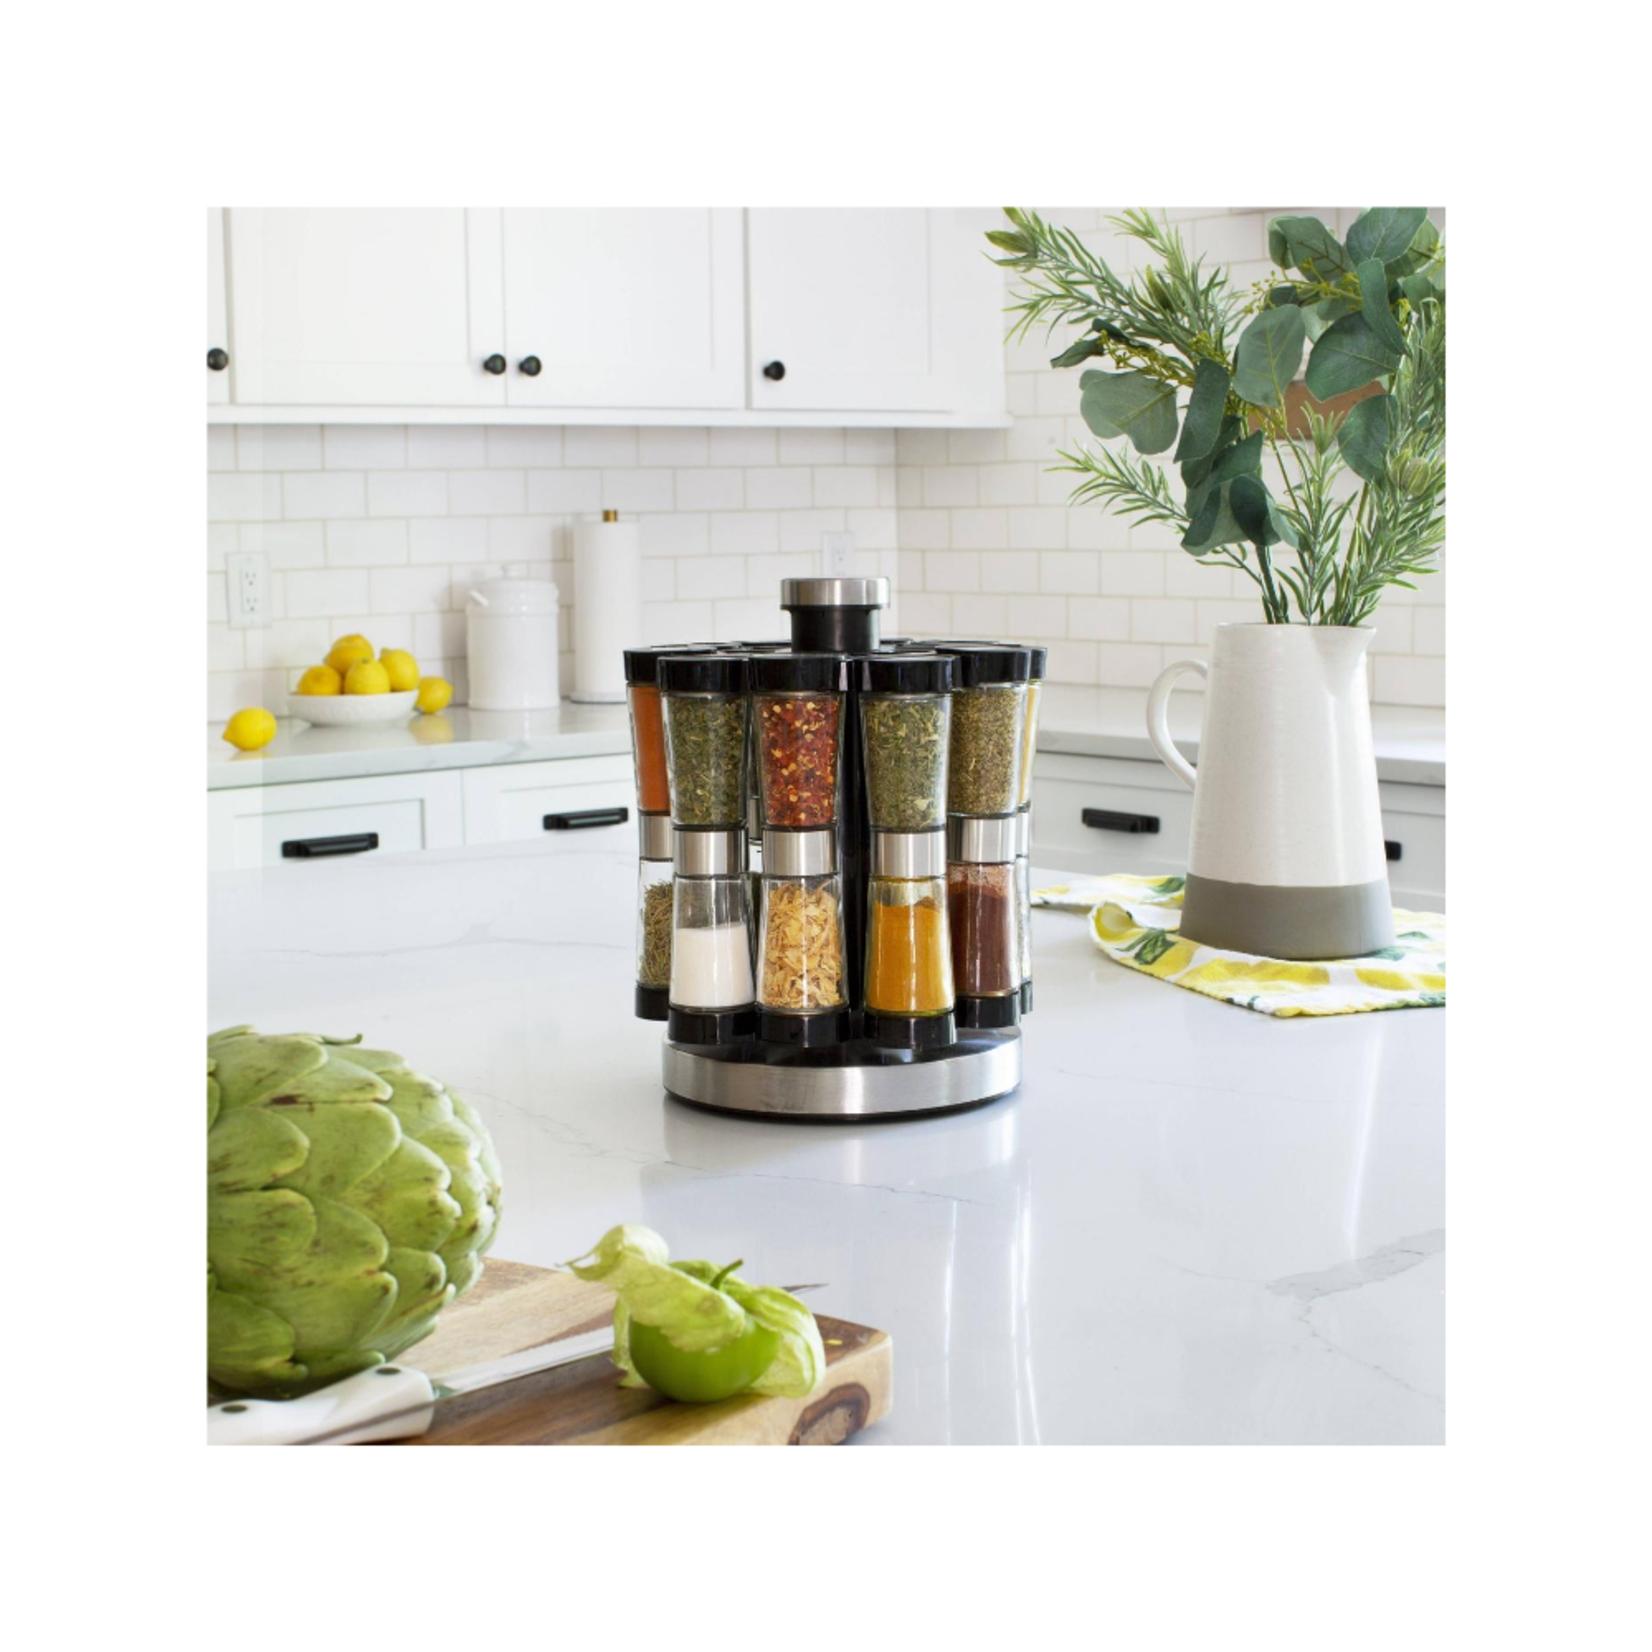 Hourglass 20 Jar Spice Rack